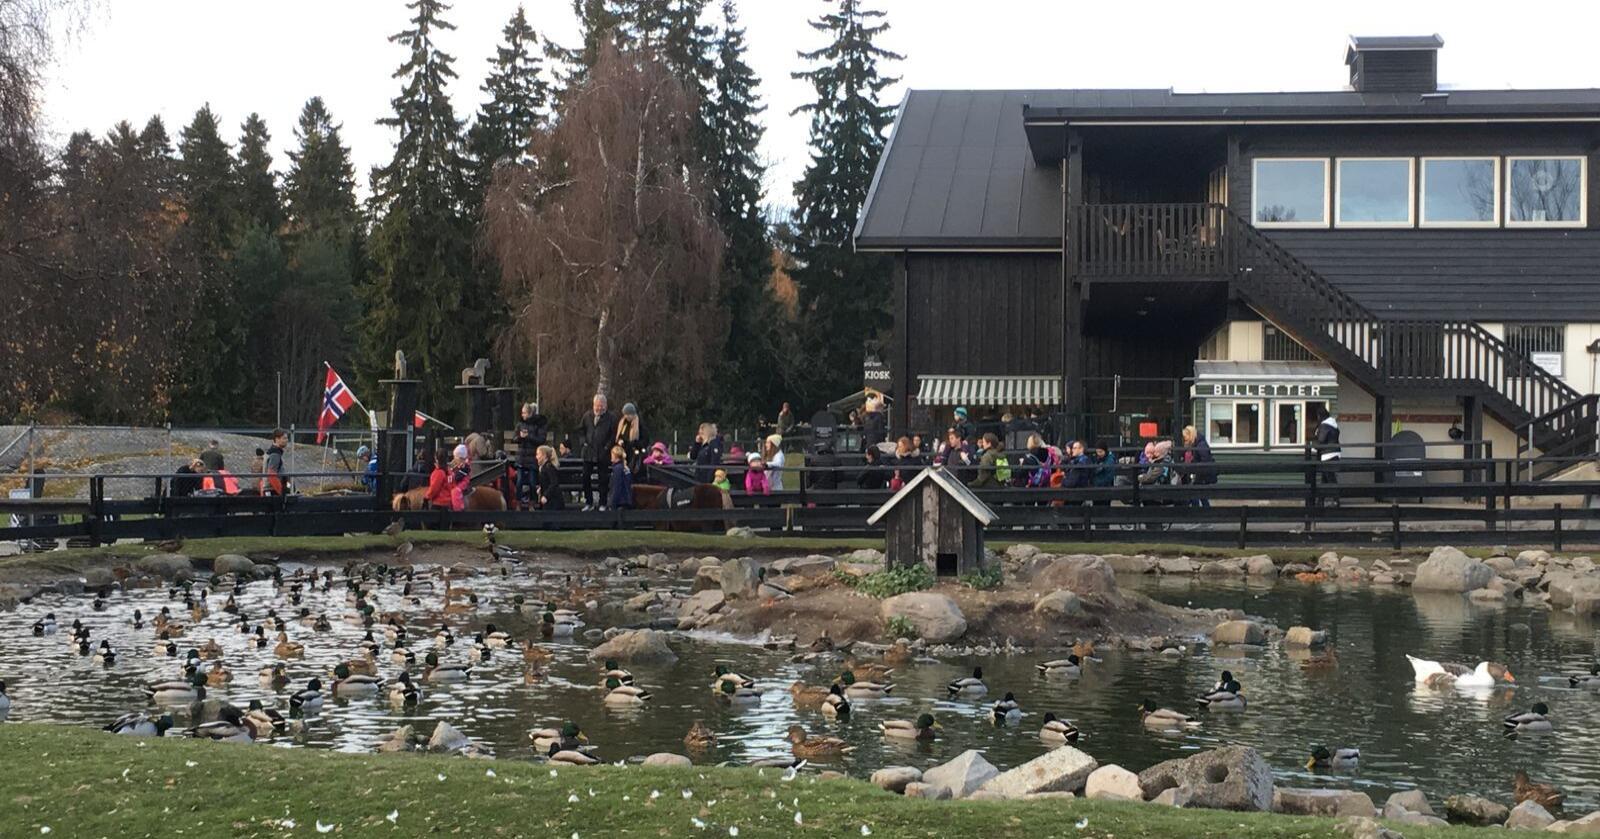 Konkursfare: EKT Rideskole og Husdyrpark står i akutt fare for å gå konkurs på grunn av korona. Foto: Linda Sunde